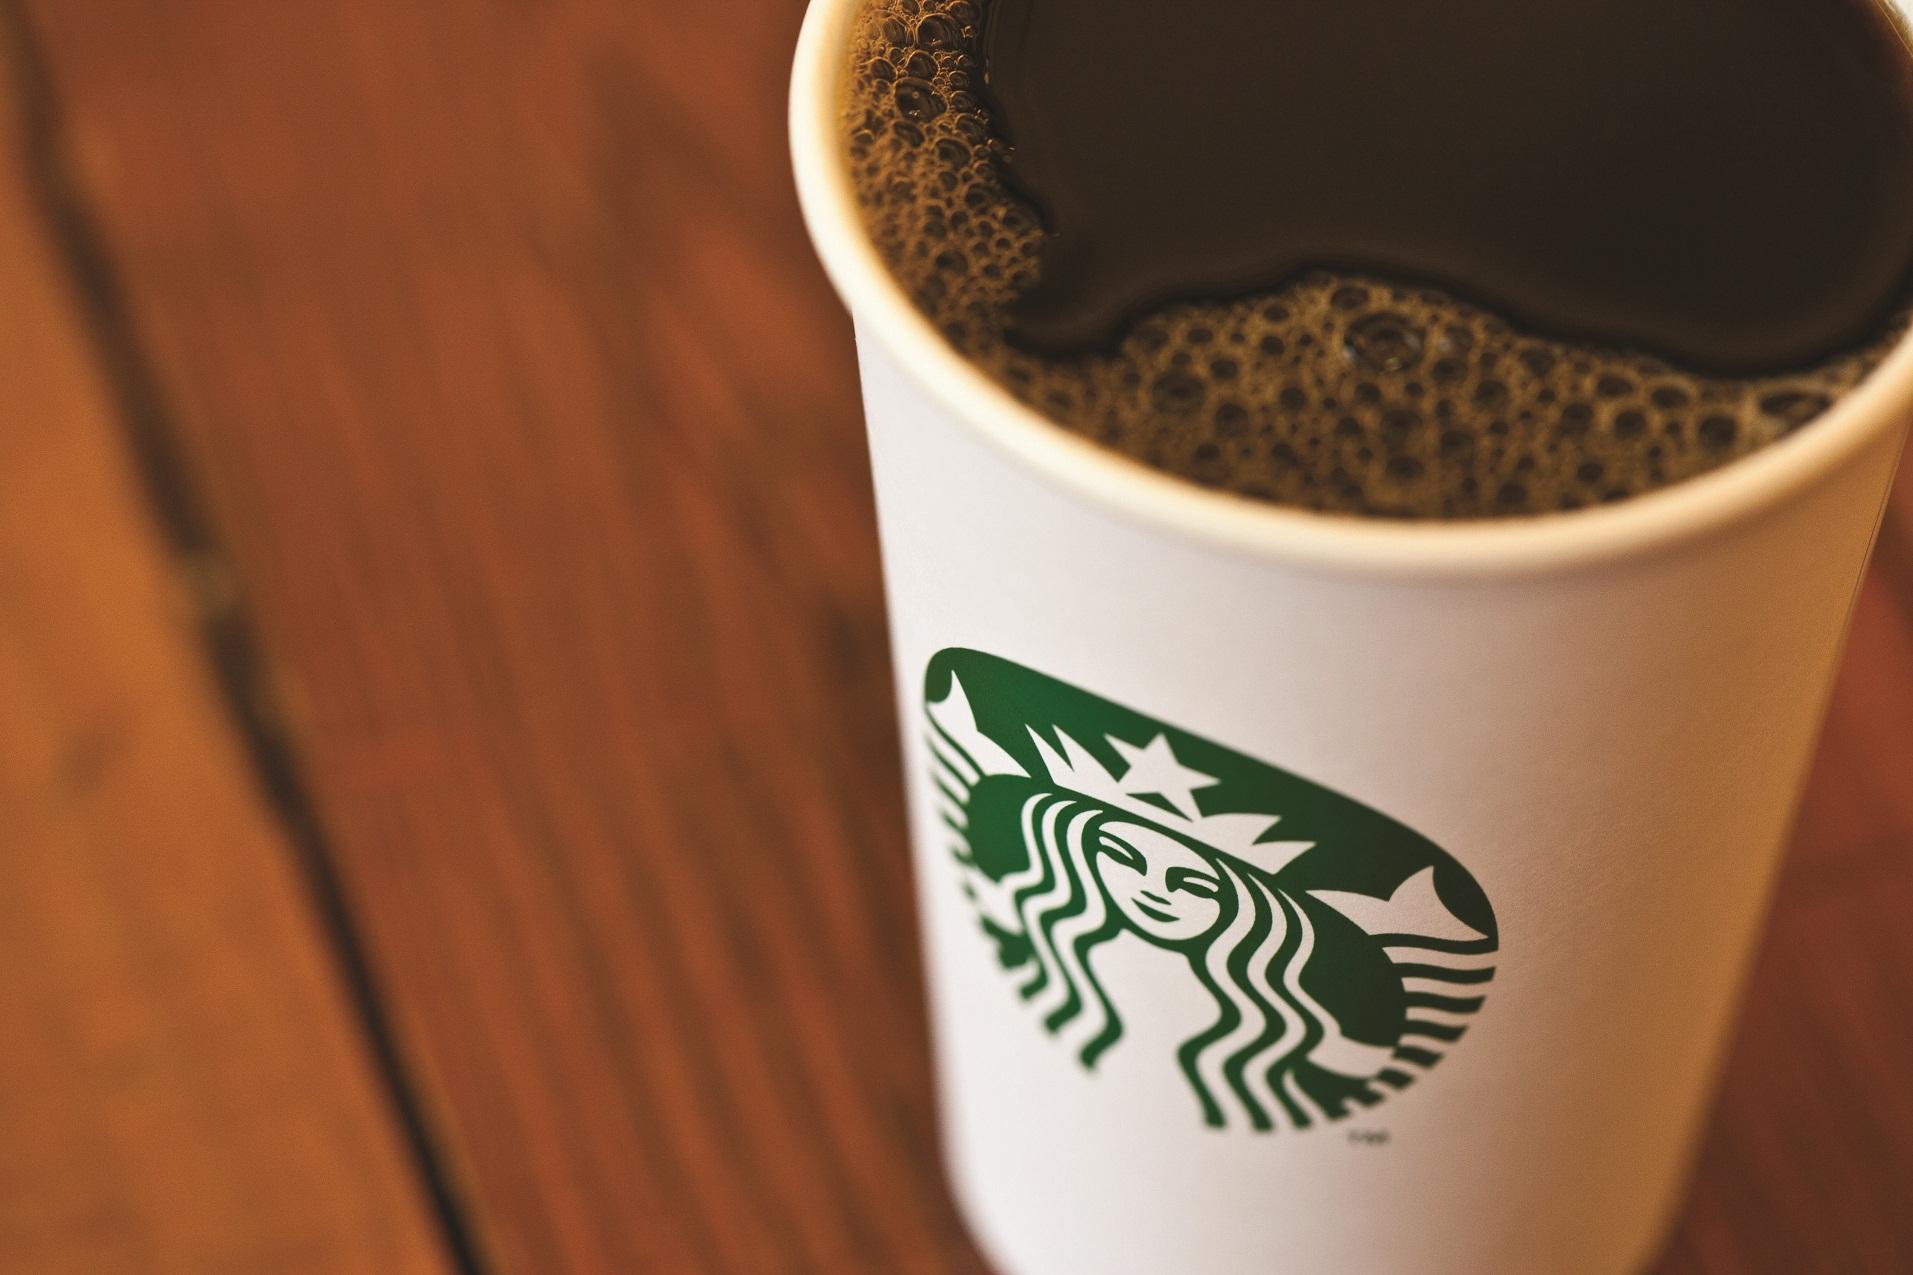 Starbucks - Itaim